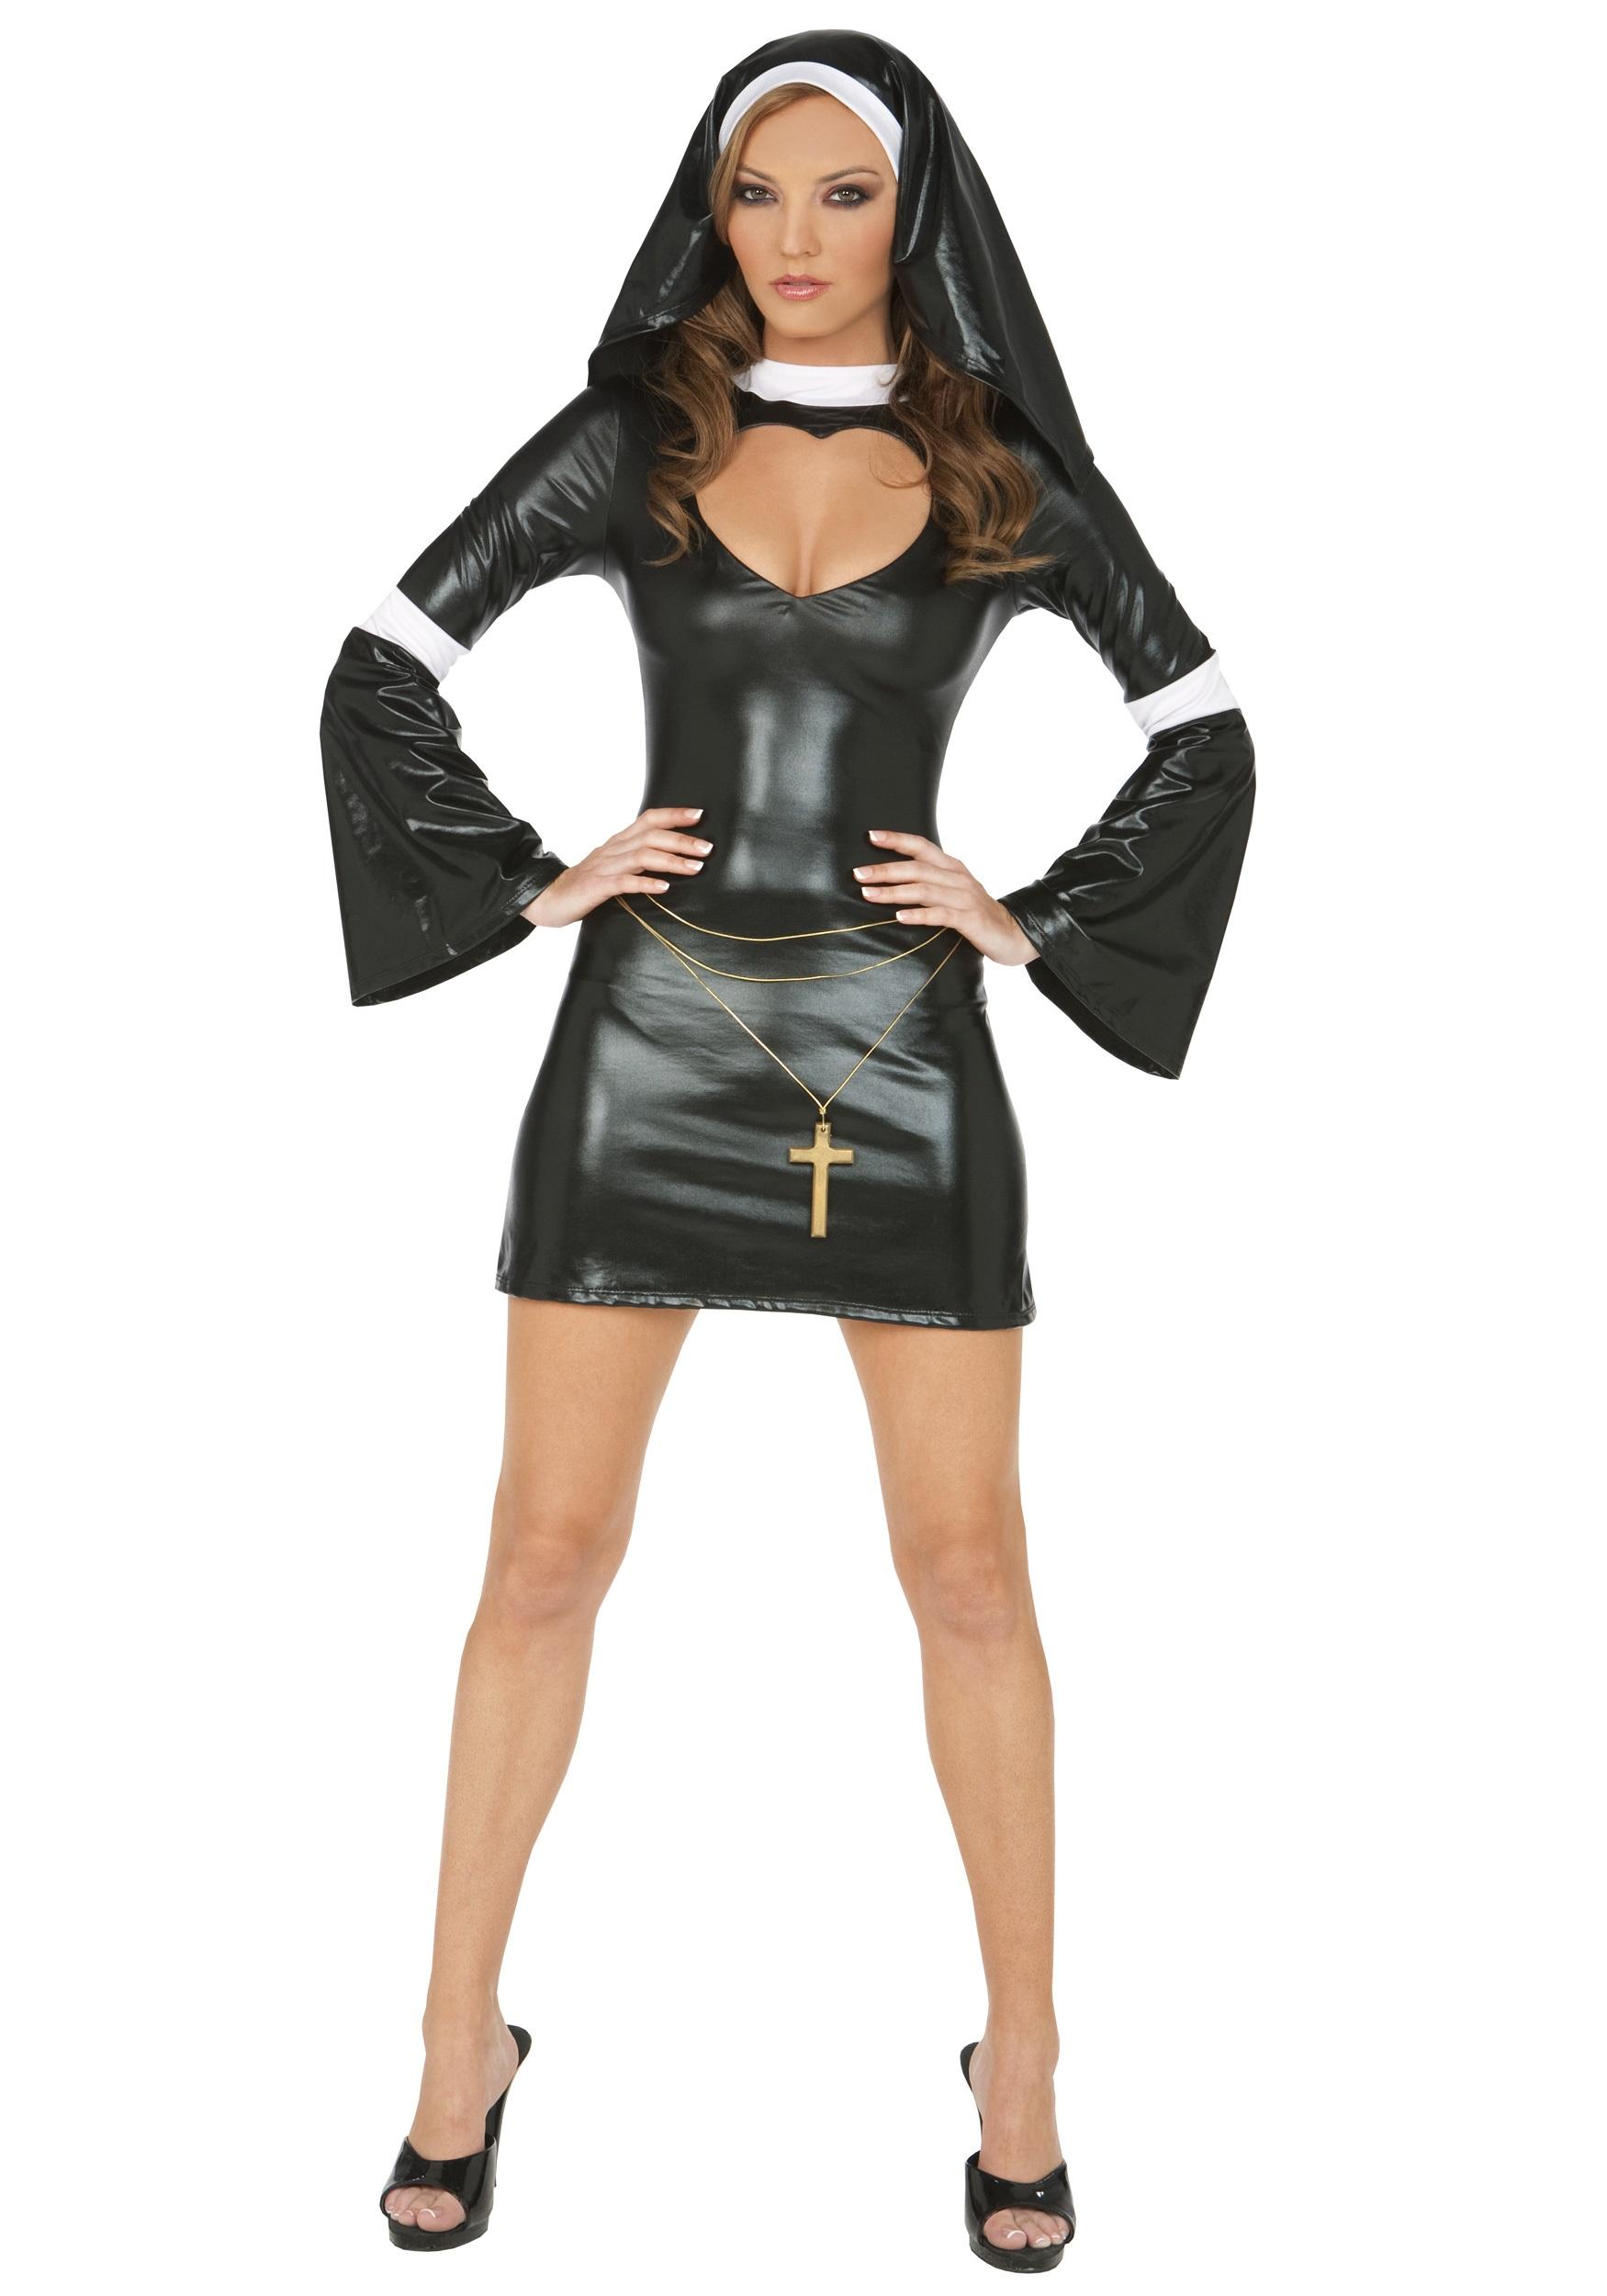 UUOT! (upravo u ovom trenutku) - Page 3 Sister-sindy-nun-costume